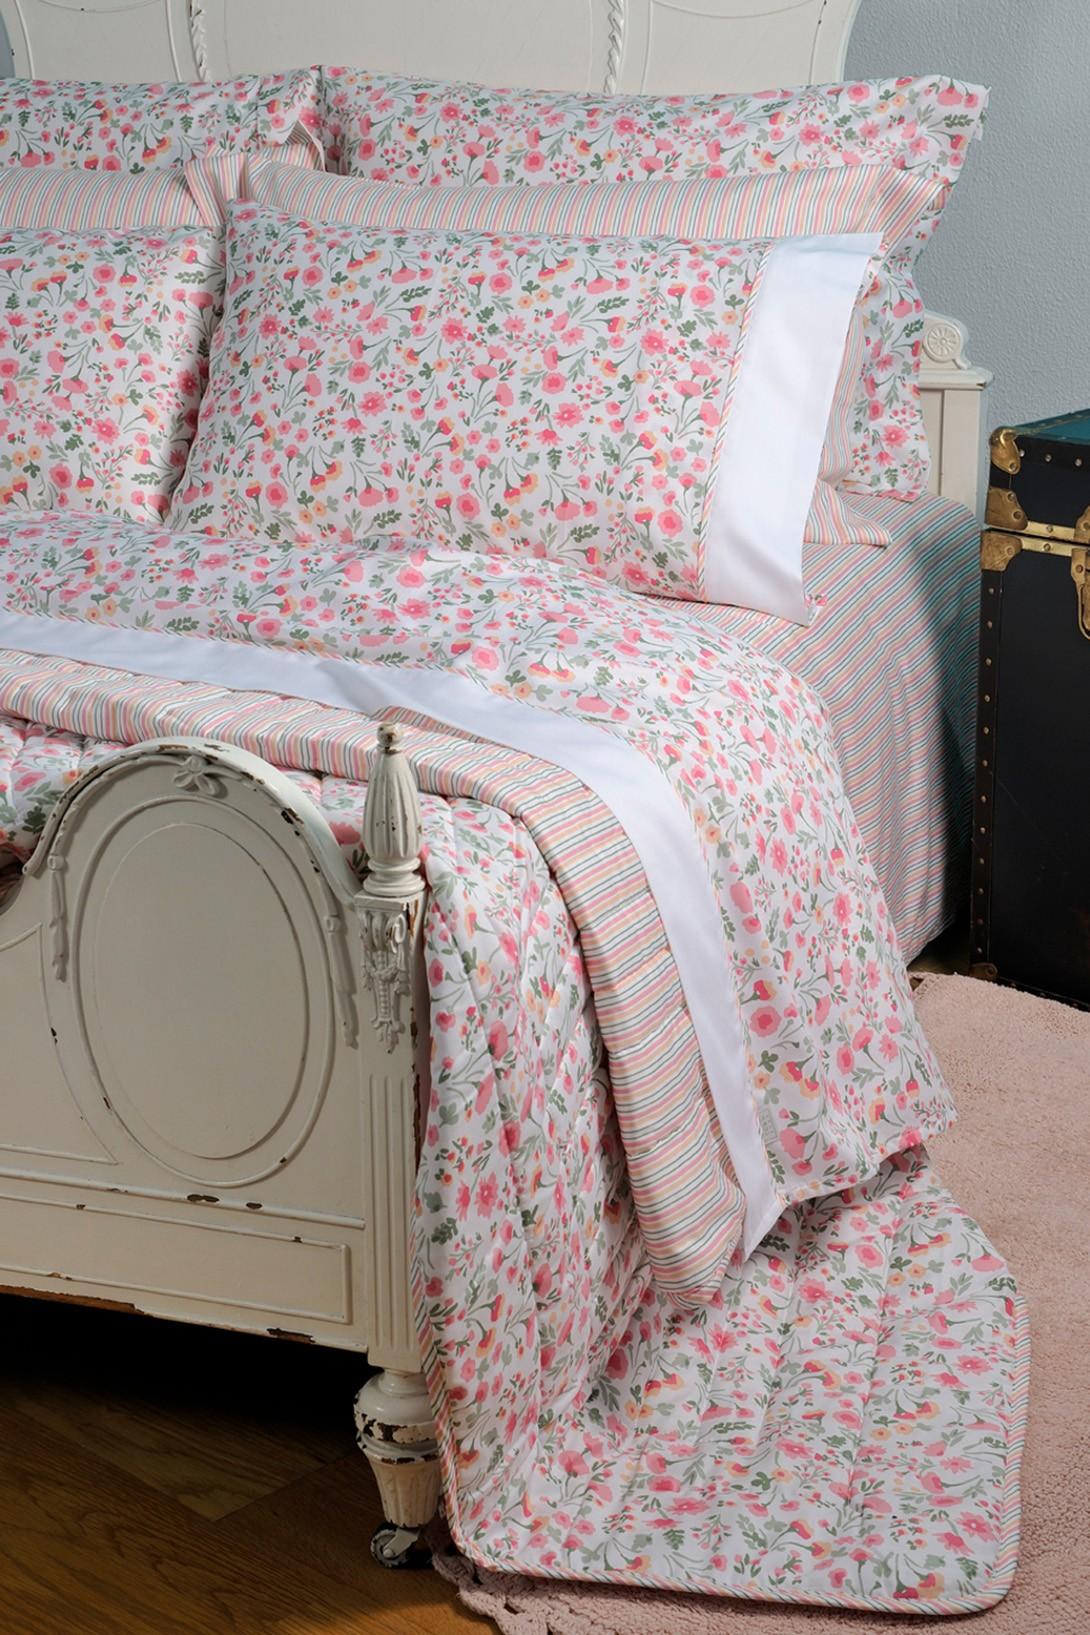 Πάπλωμα Υπέρδιπλο Down Town Primo Charlotte S 603 home   κρεβατοκάμαρα   παπλώματα   παπλώματα υπέρδιπλα